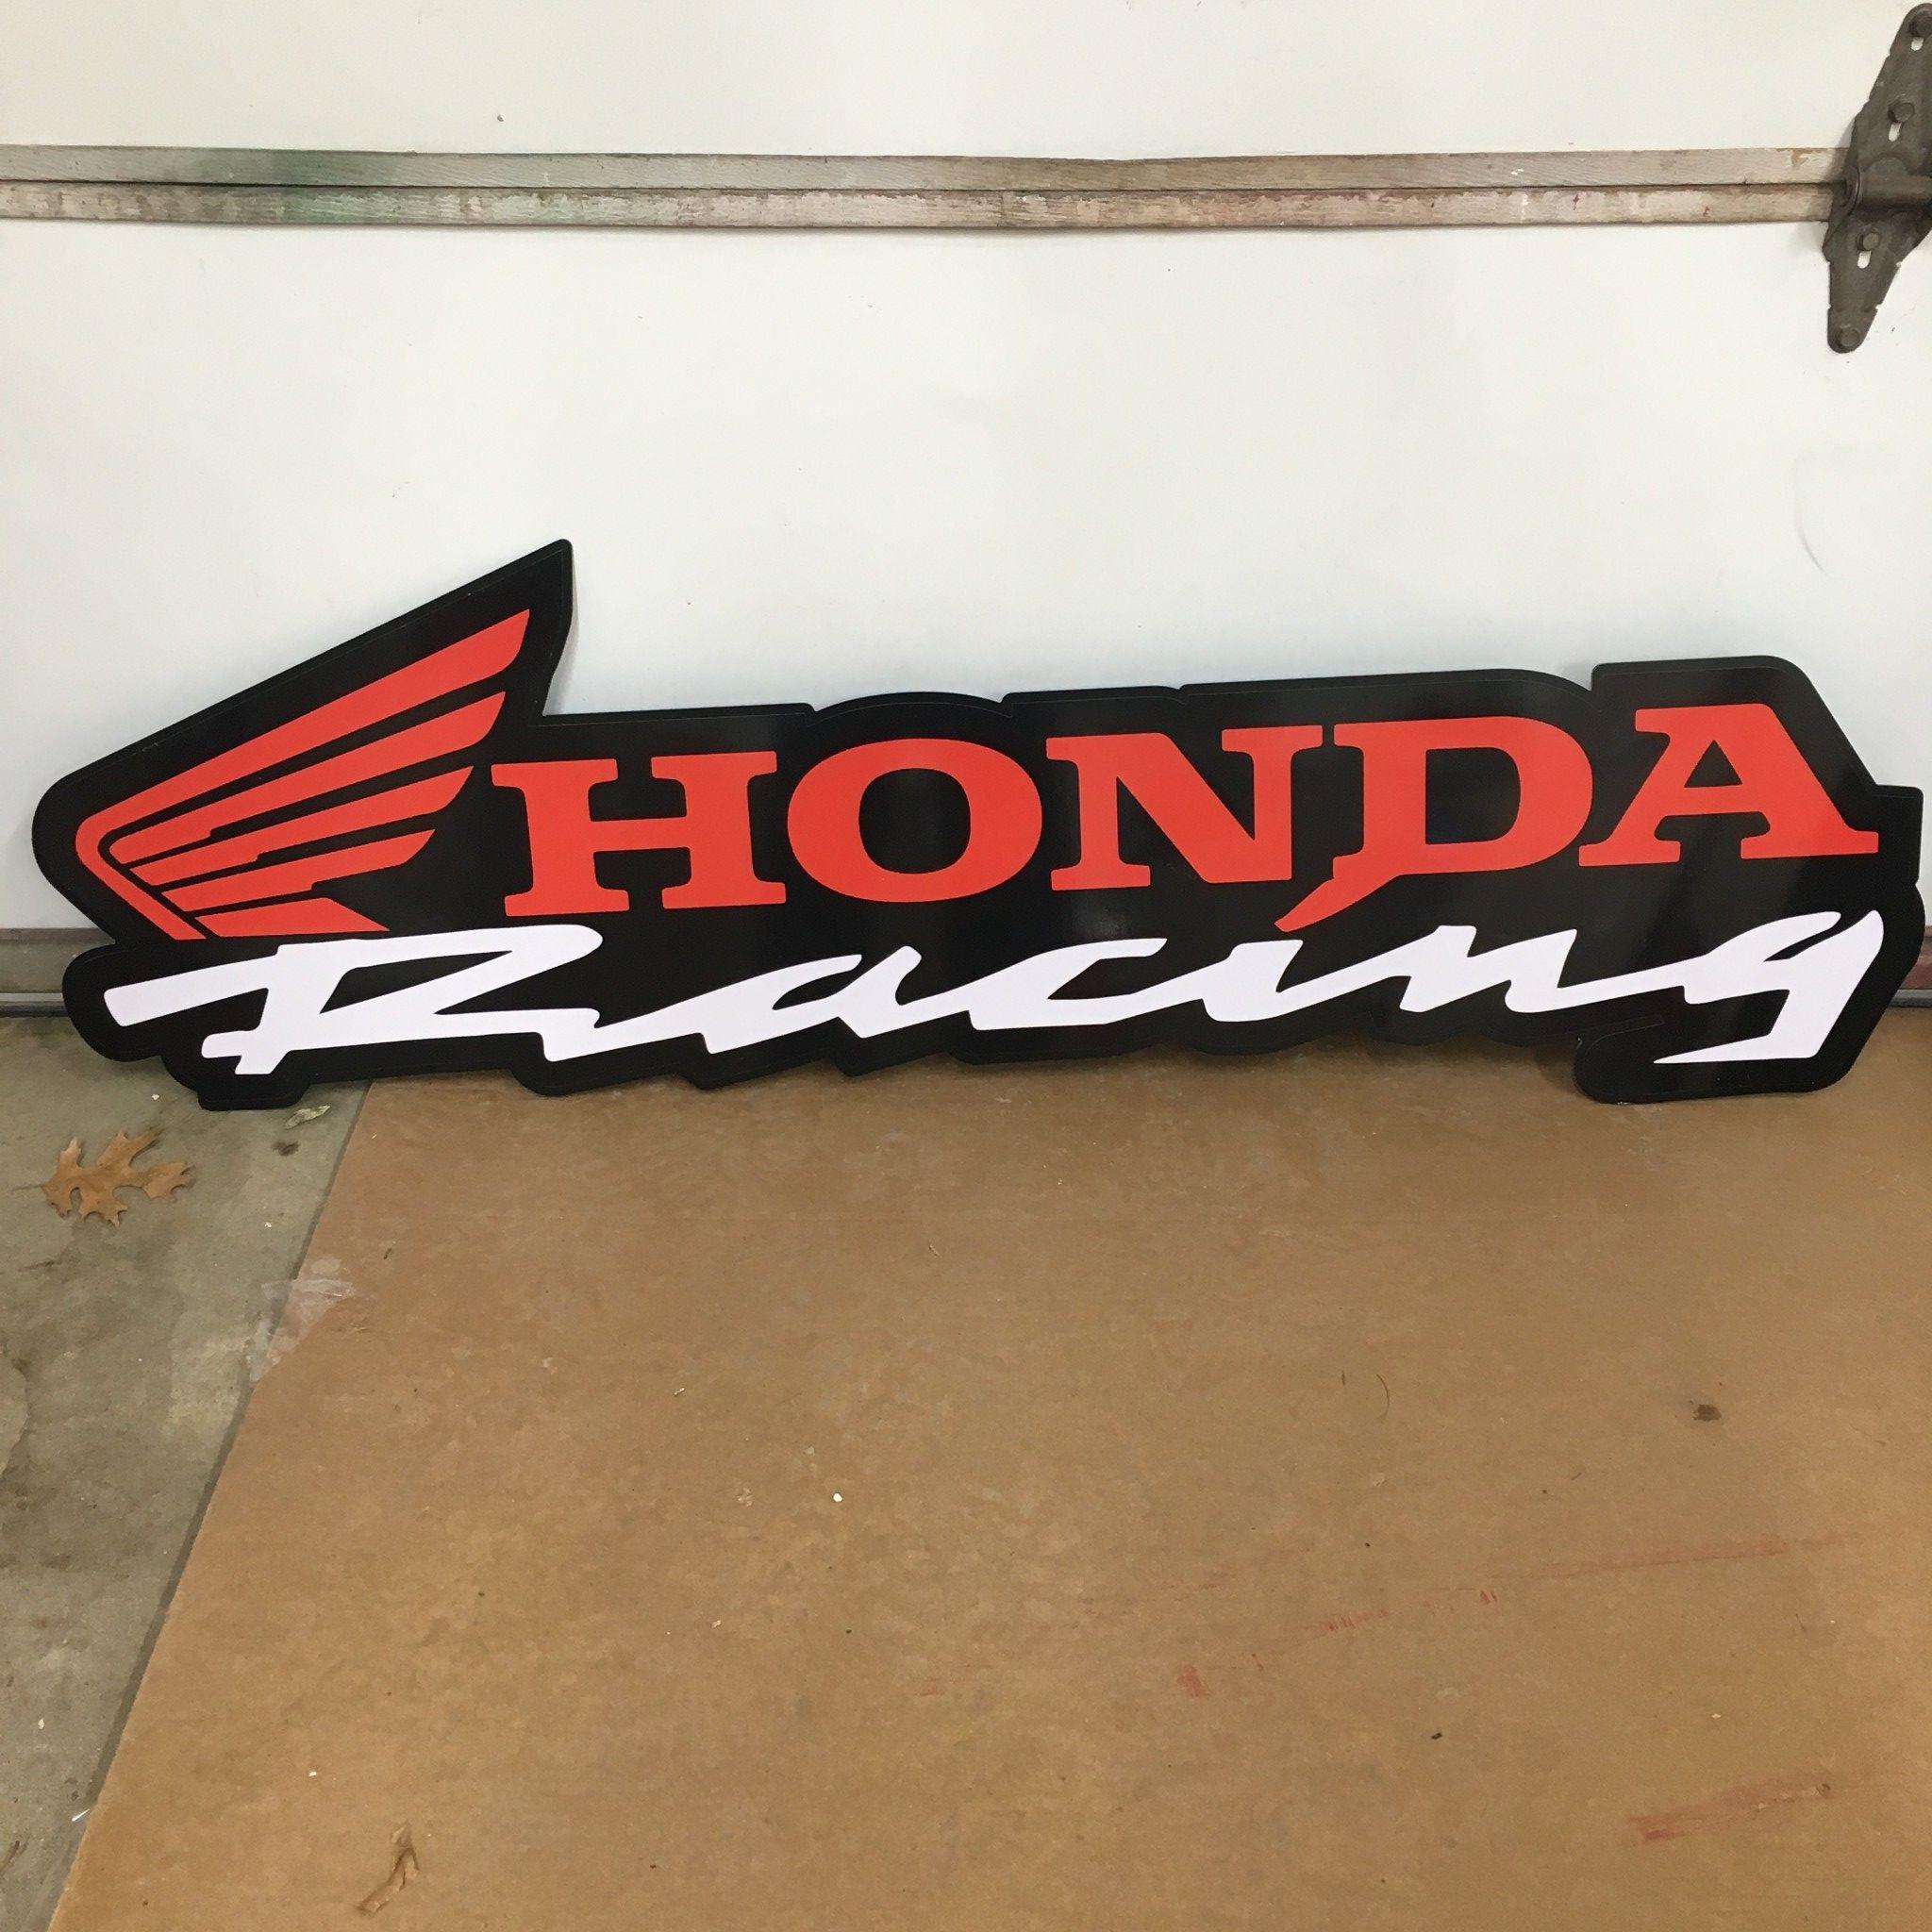 Birthday Present for Men or Women Parking Sign Gift for Honda Owner